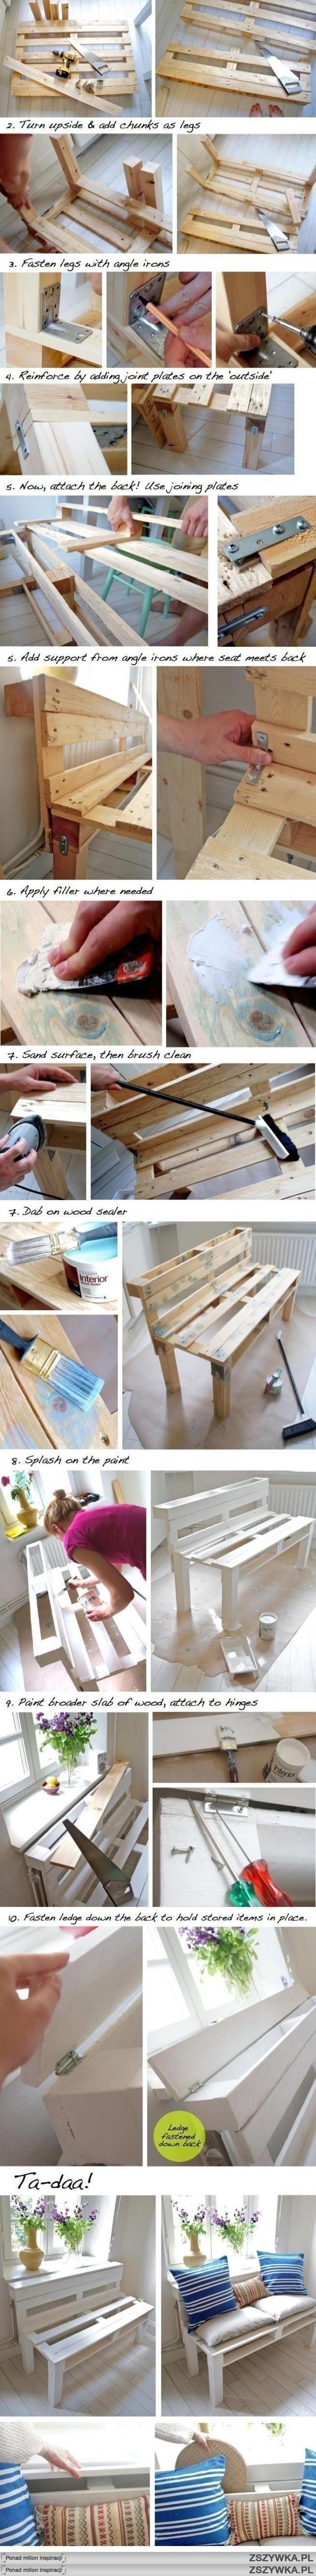 Jak z palety zrobić ławkę na działkę lub balkon :-)